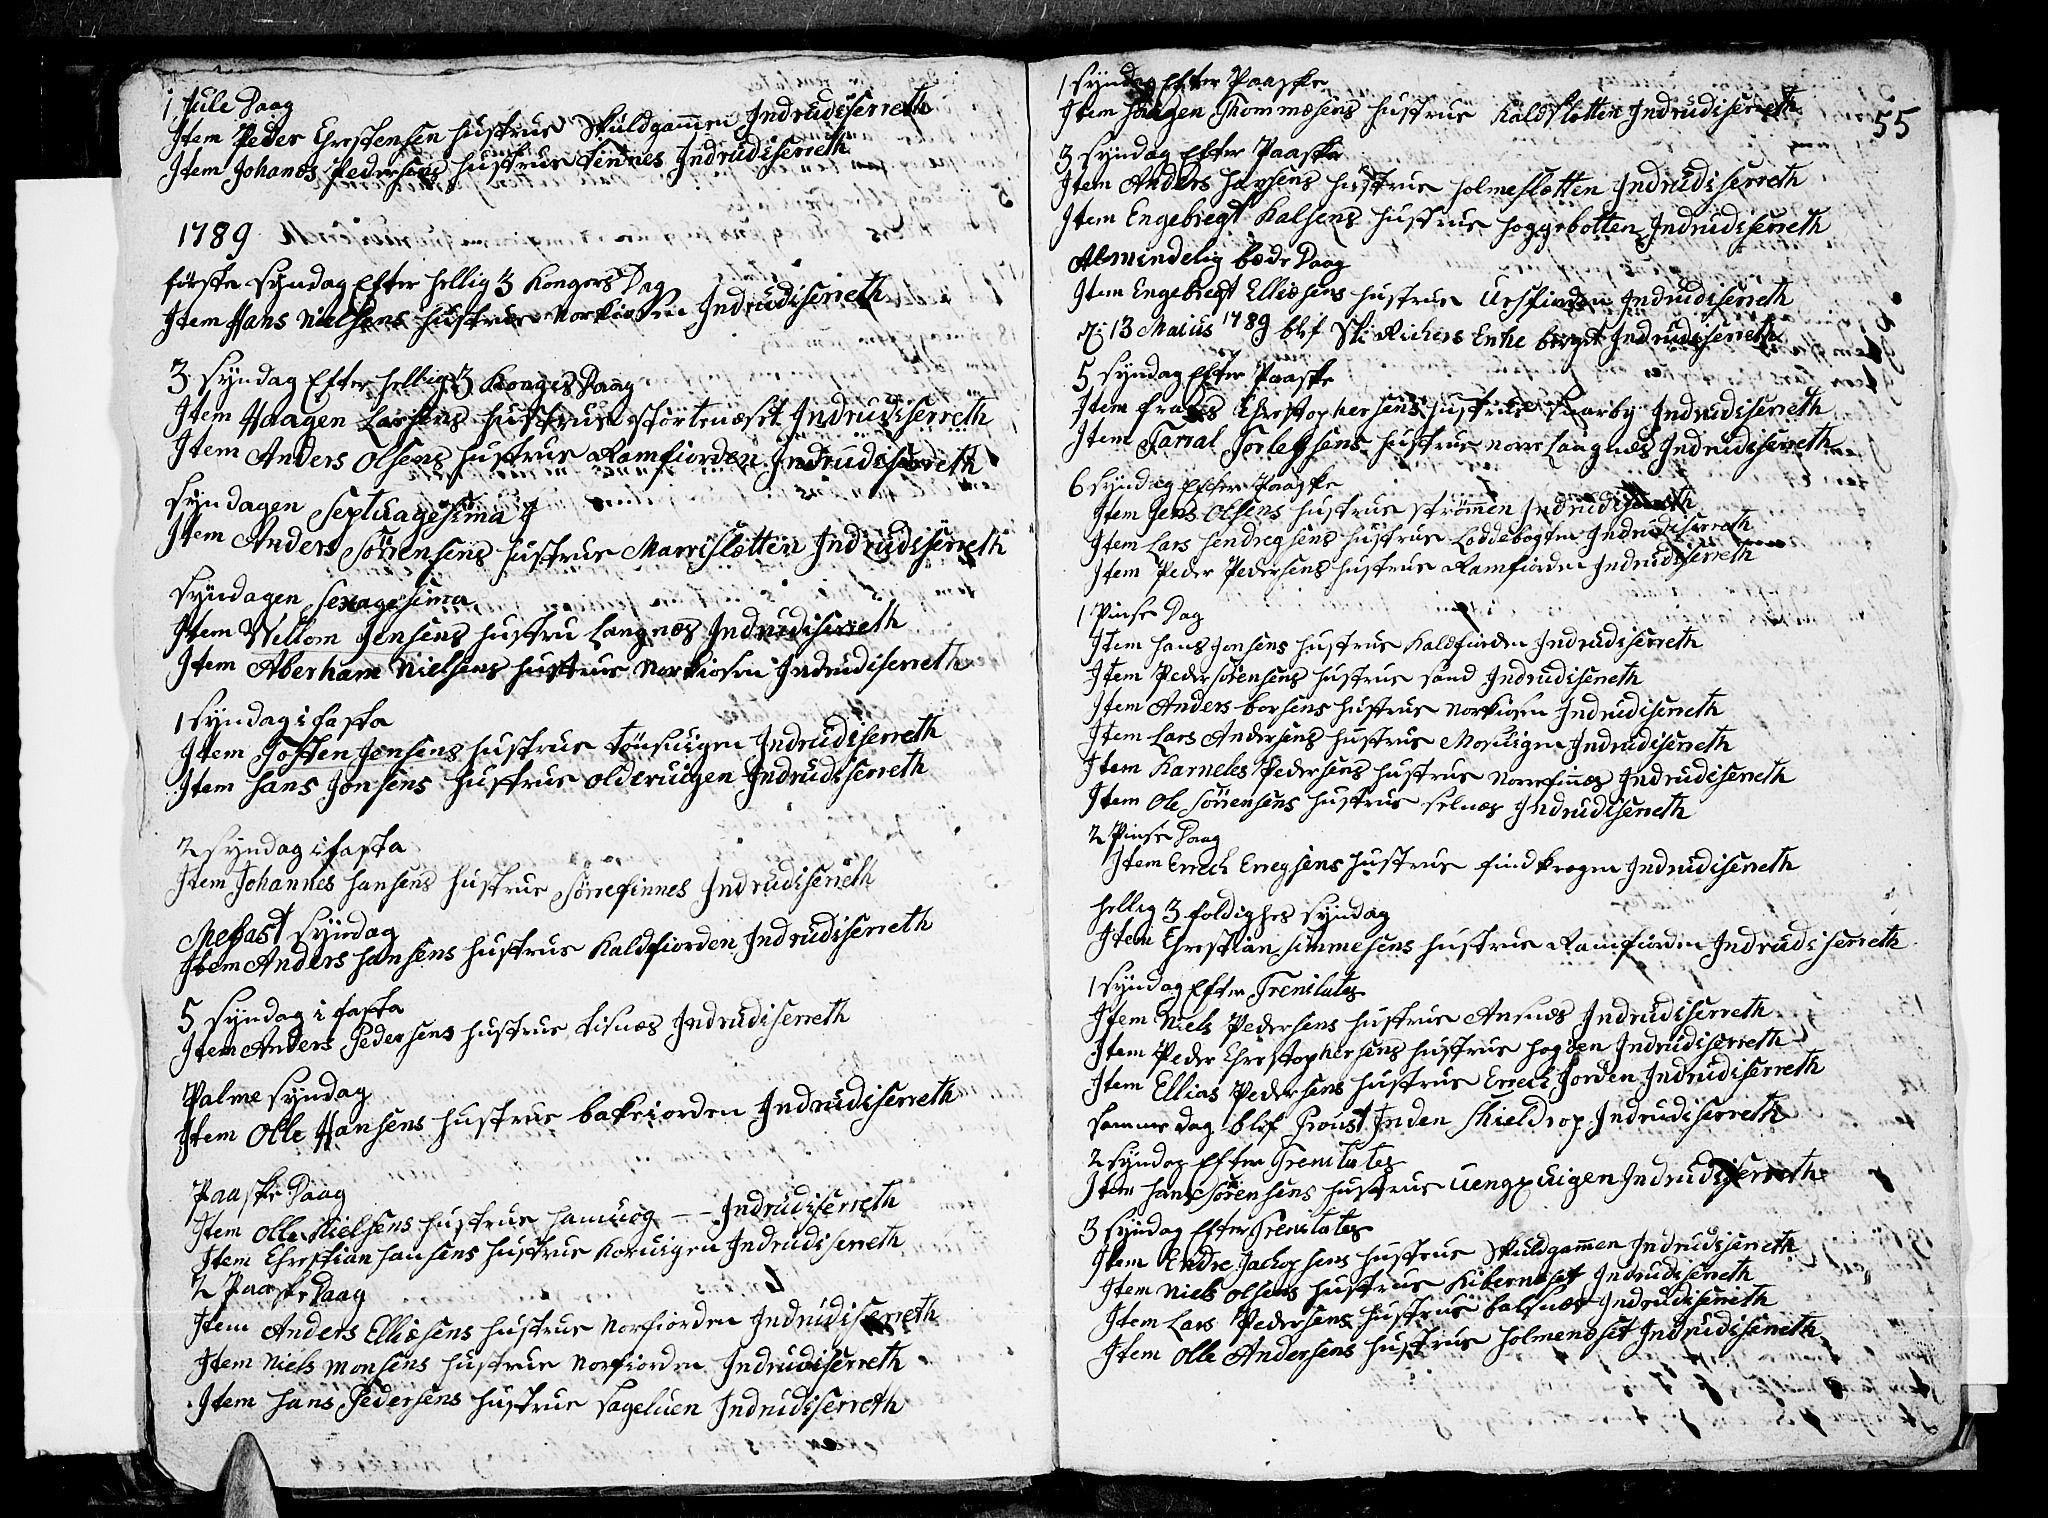 SATØ, Tromsø sokneprestkontor/stiftsprosti/domprosti, G/Ga/L0004kirke: Ministerialbok nr. 4, 1787-1795, s. 55